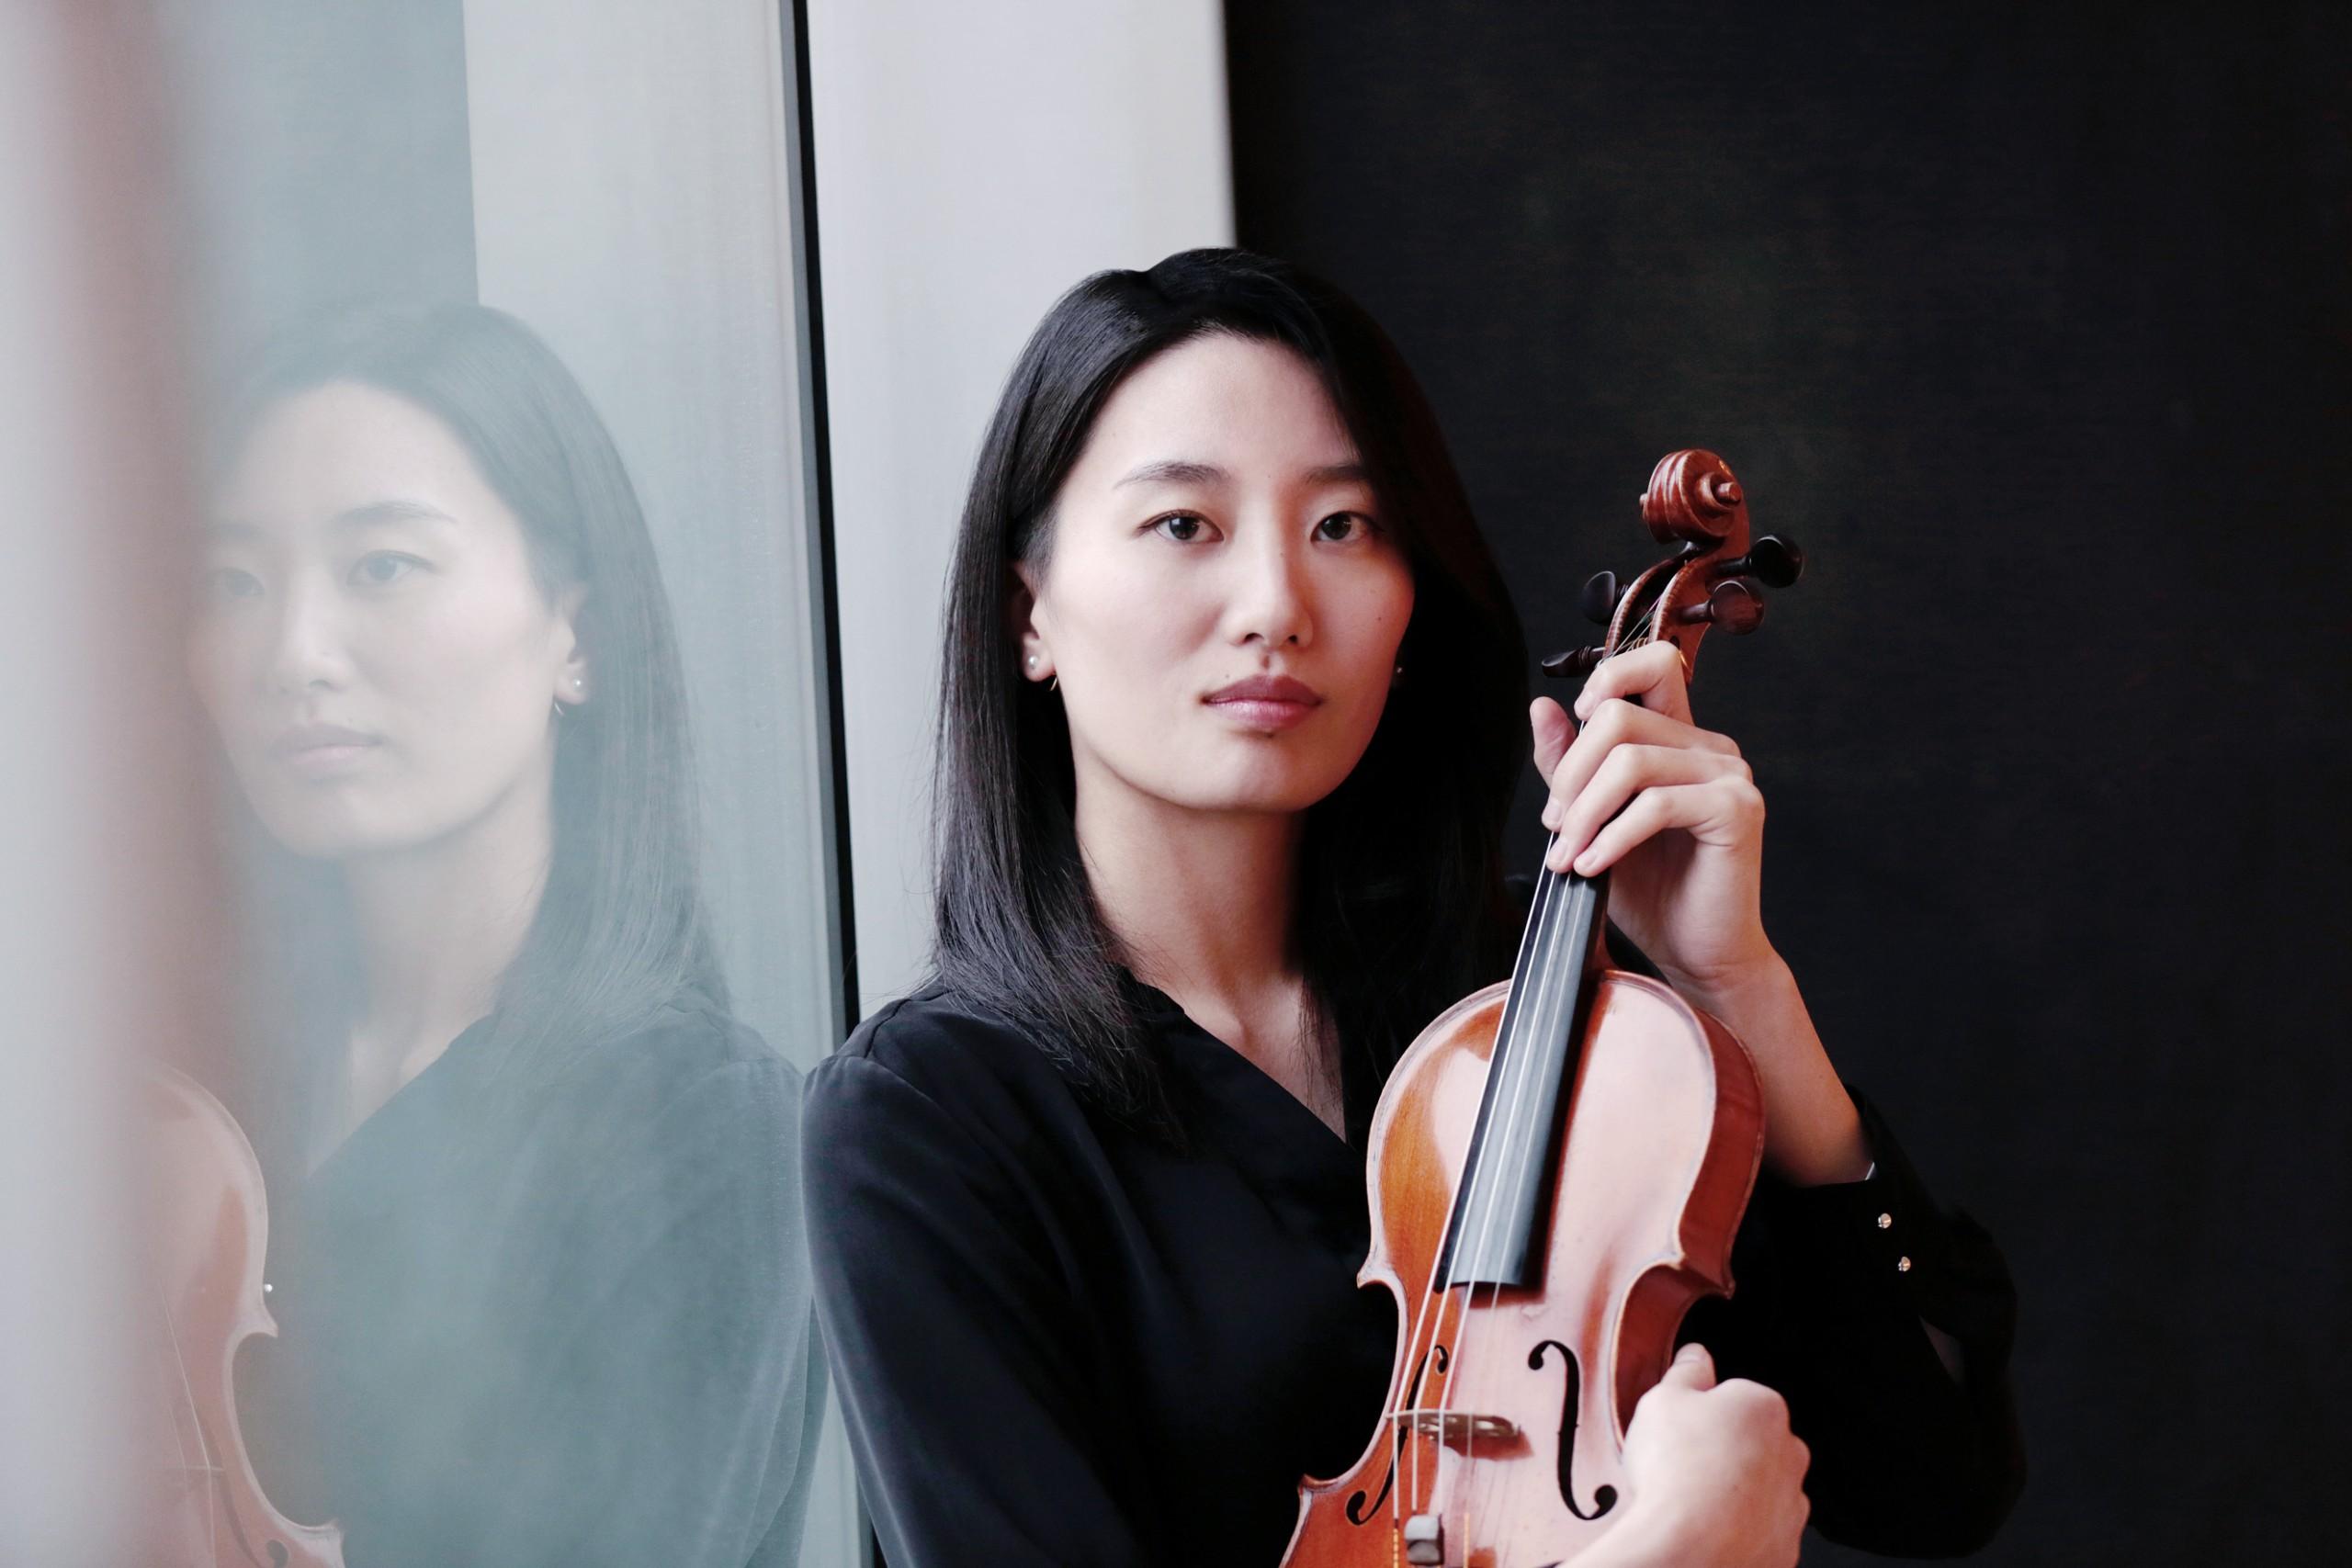 Yuka Murayama